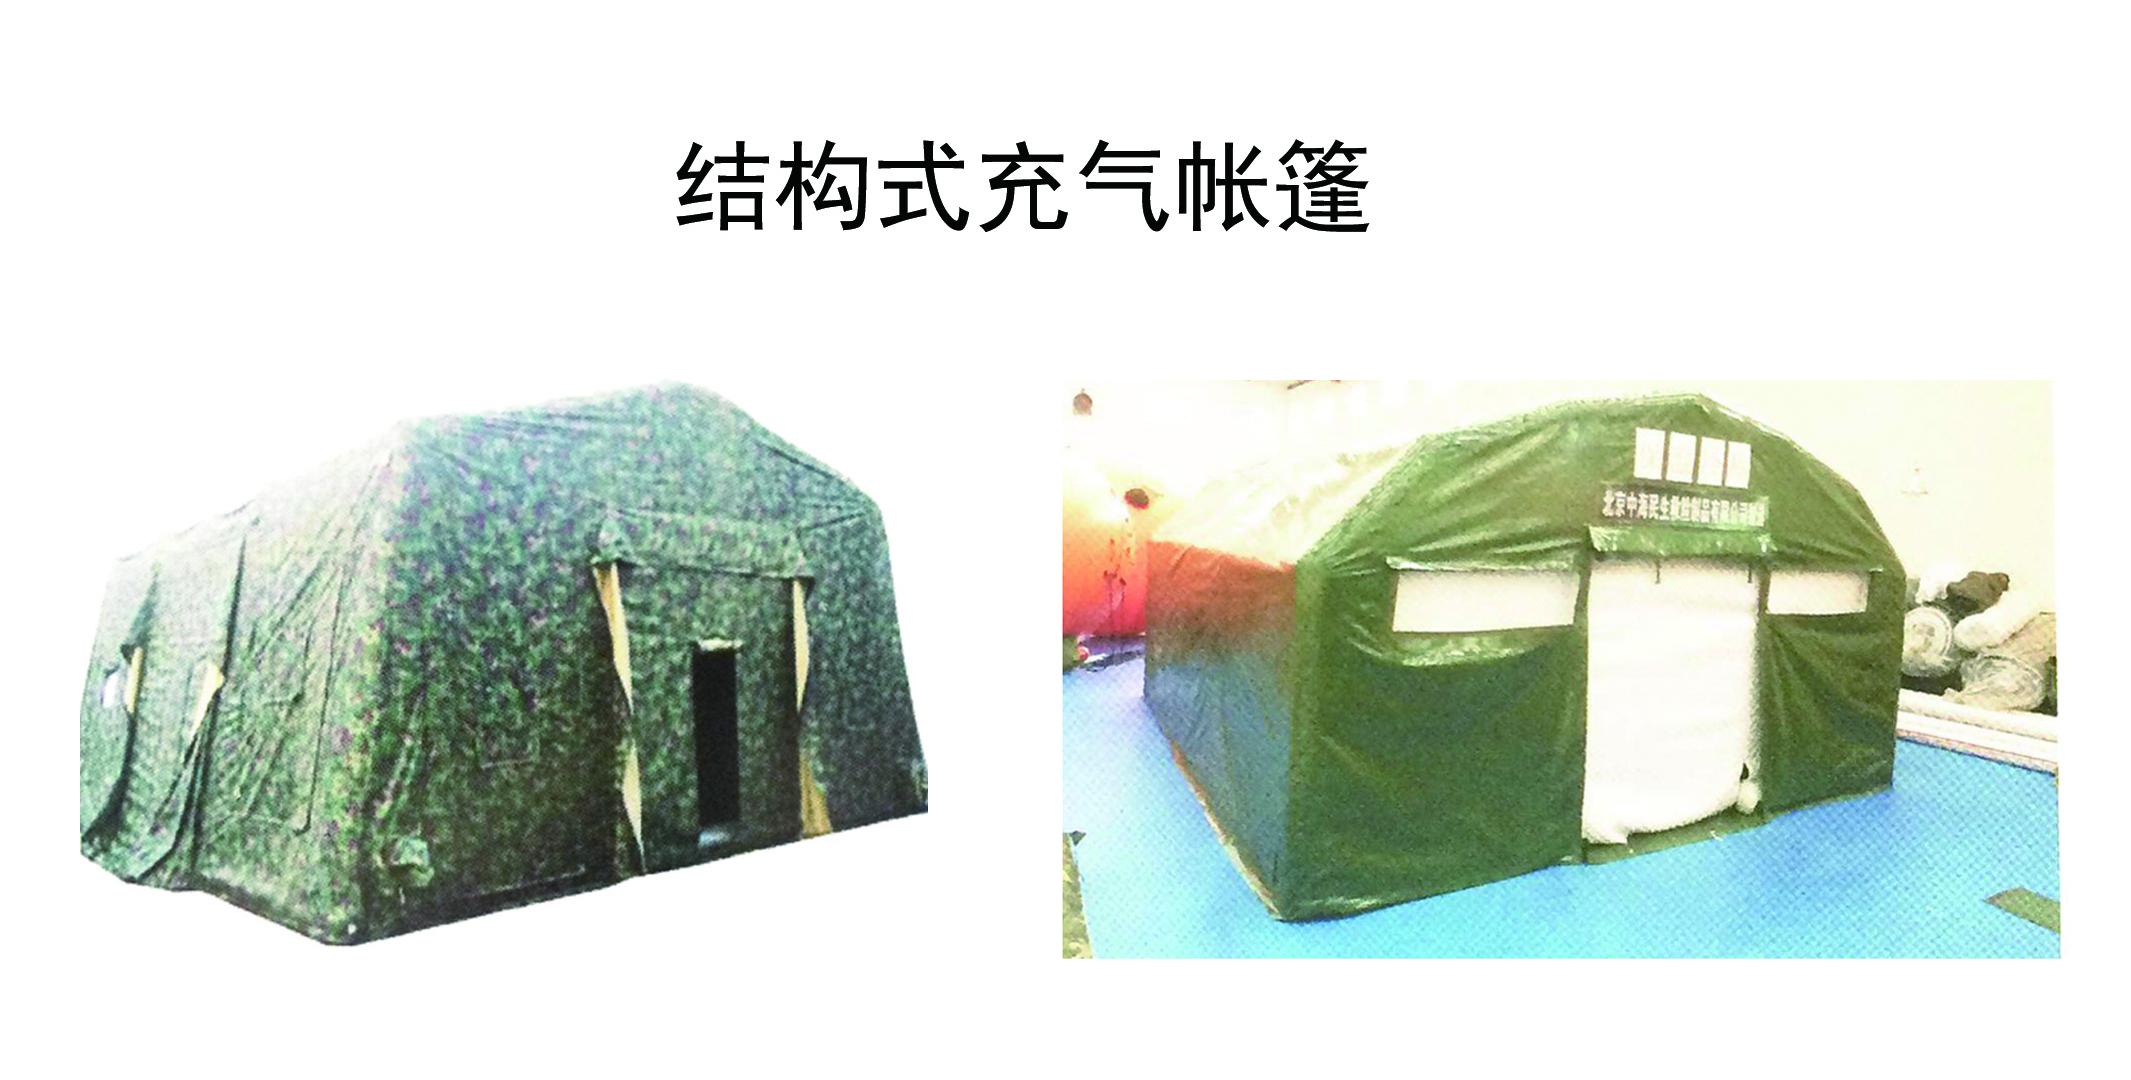 结构式充气帐篷